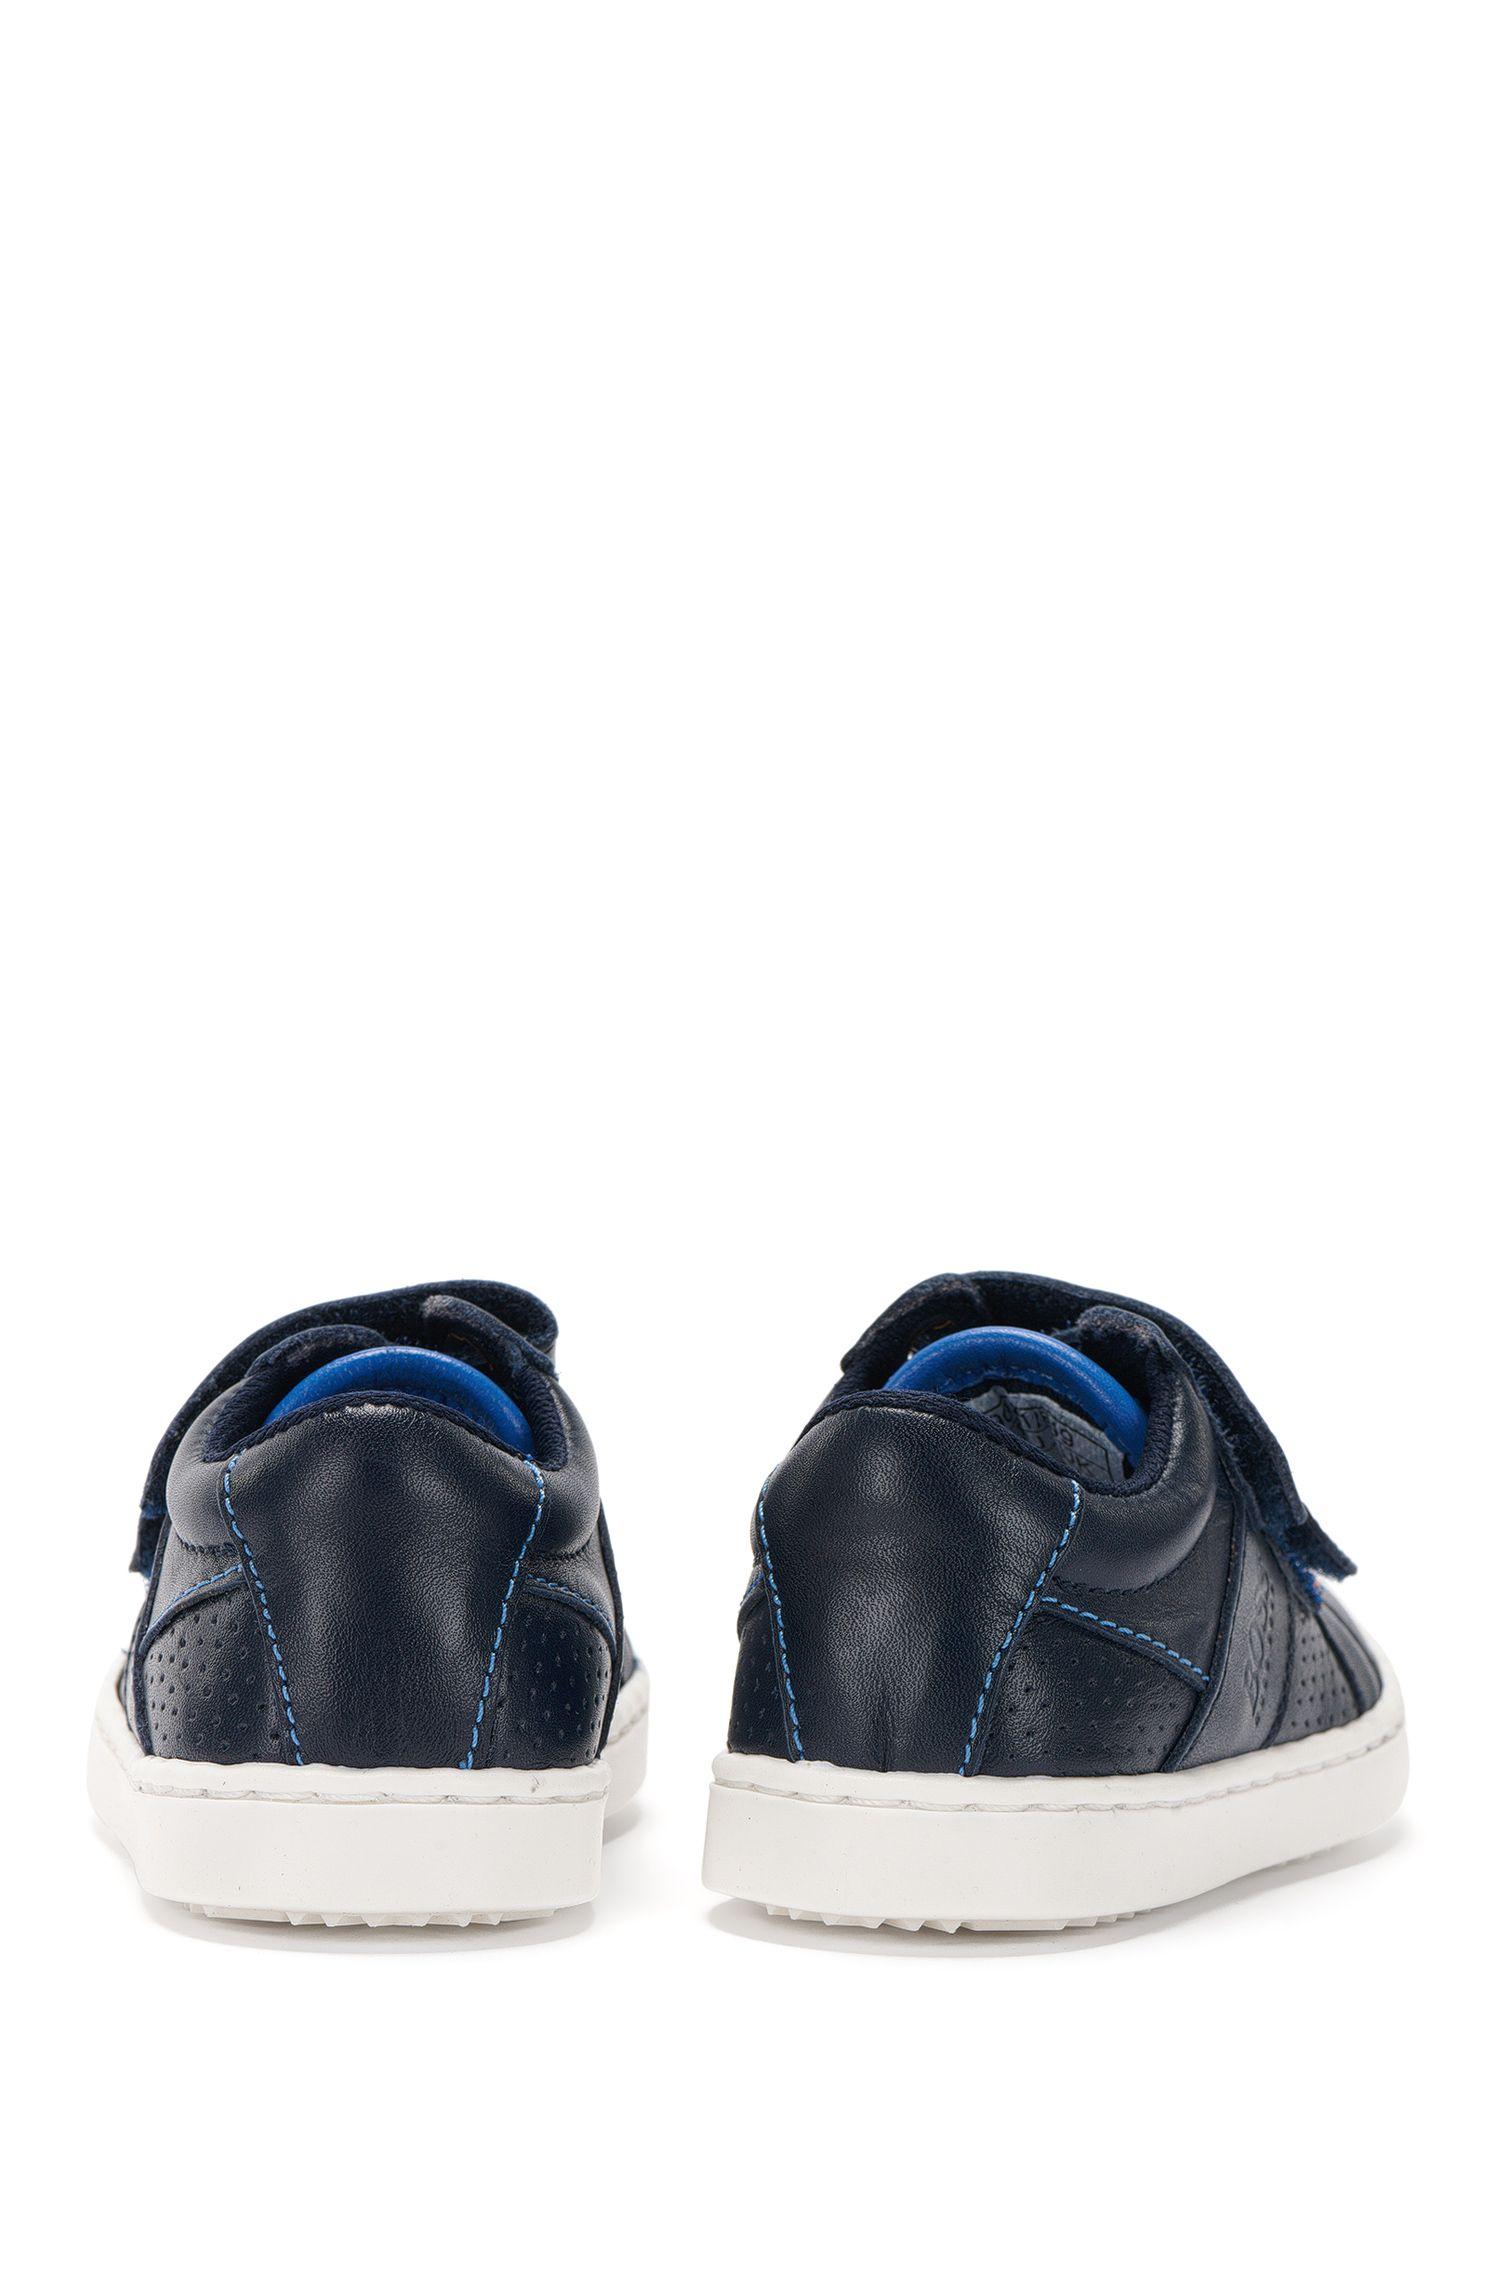 Baby-Schuhe aus Leder mit Kontrastsohle: 'J09081'